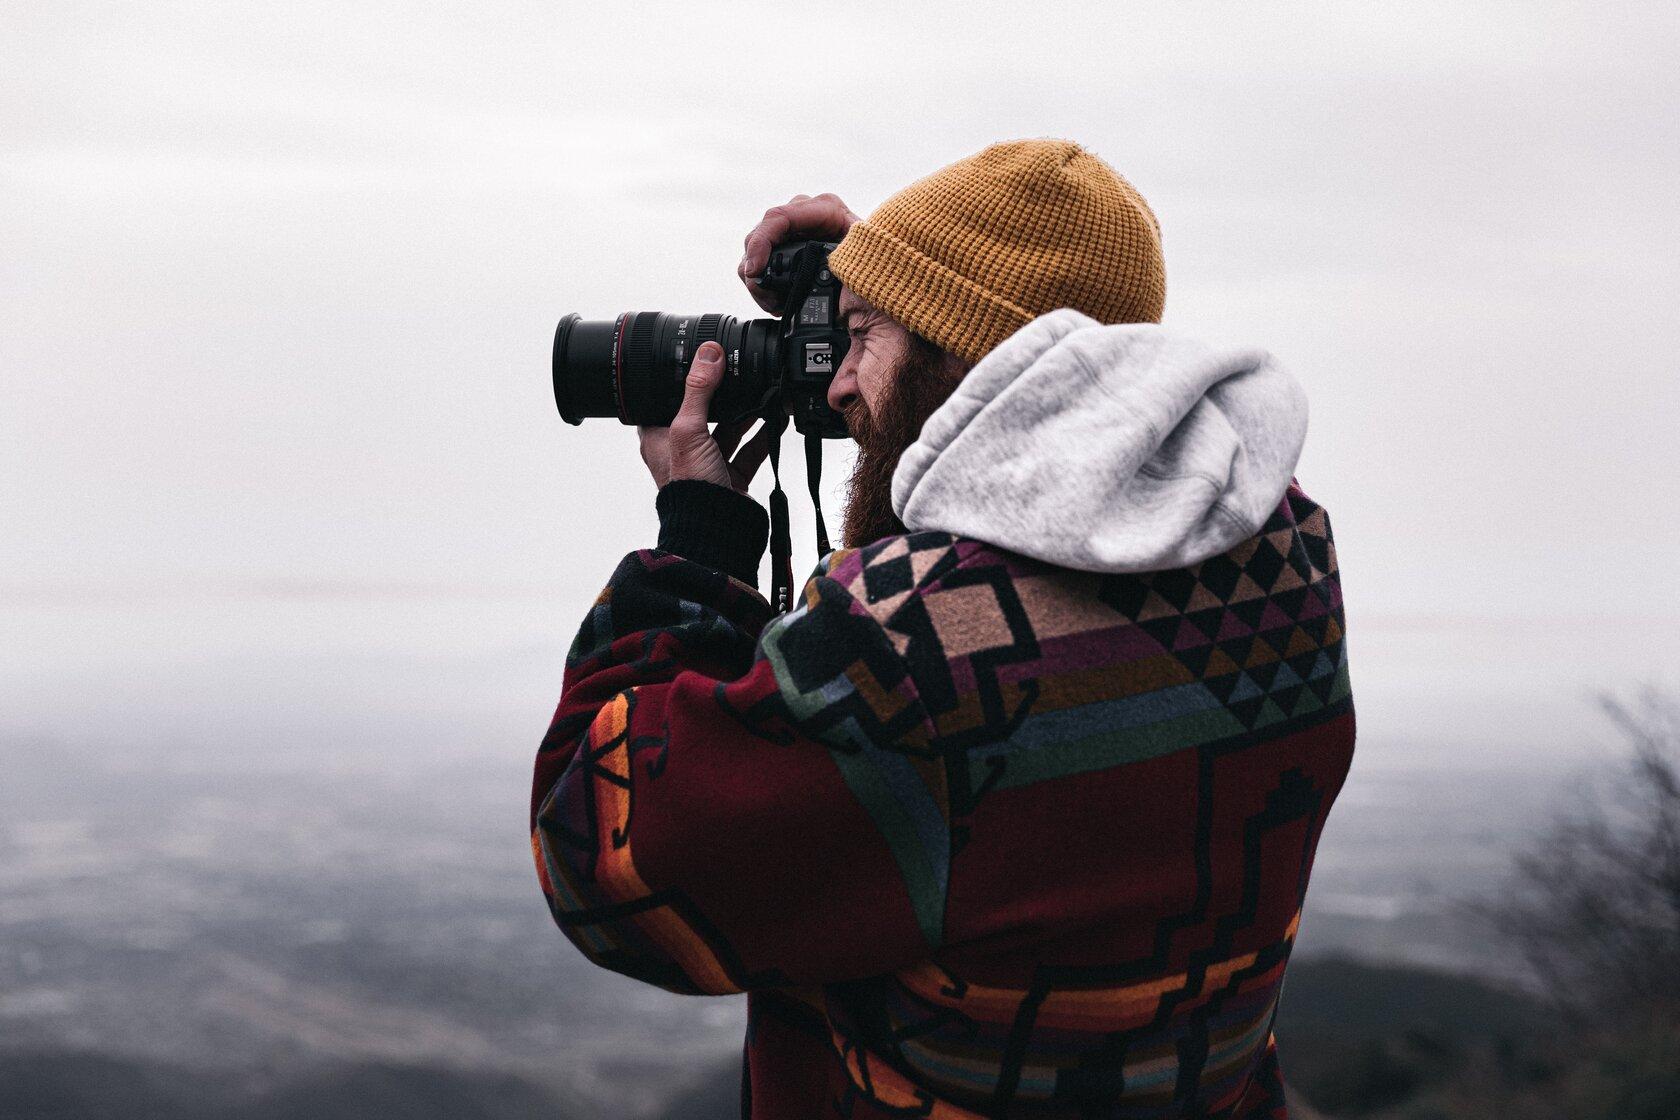 doğa fotoğrafı çeken adam, indie, fotoğrafçı